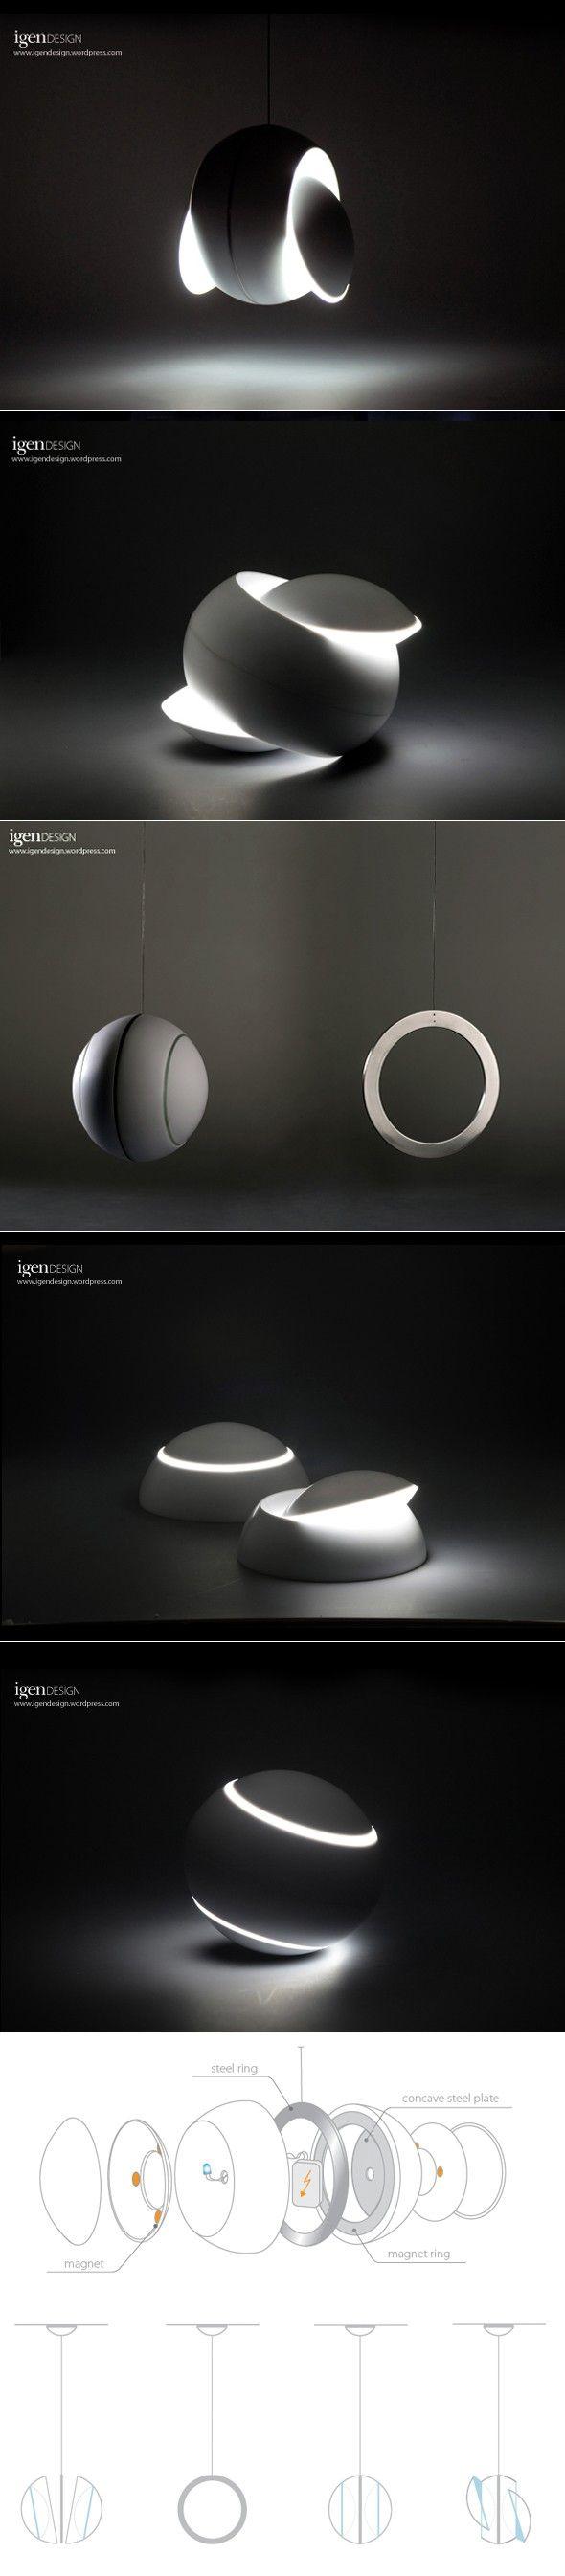 A veces pienso que diseñar una lámpara es fácil, ya que su función primordial, -la de iluminar- se logra sin mucho problema. Cuando veo lámparas como ésta, me callo la boca. Lamp Swingy Magnative by IGEN Design